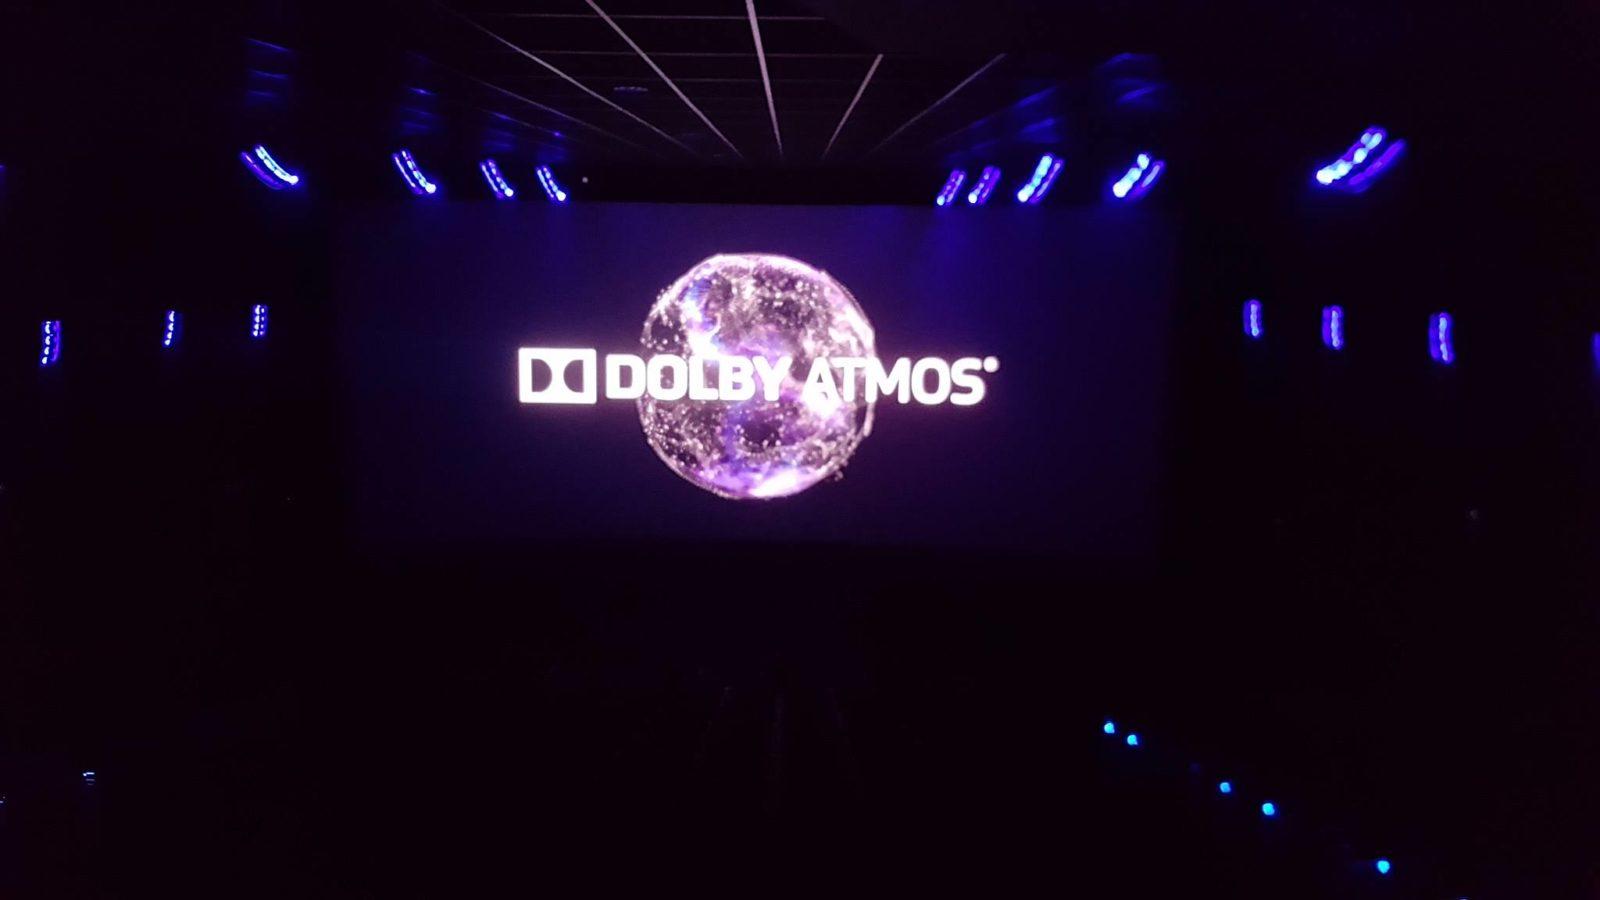 Ingevideo и Equipo de Cine оснастили все 12 залов первого в Испании 4K киноцентра системами Christie Vive Audio™ с поддержкой Dolby® Atmos